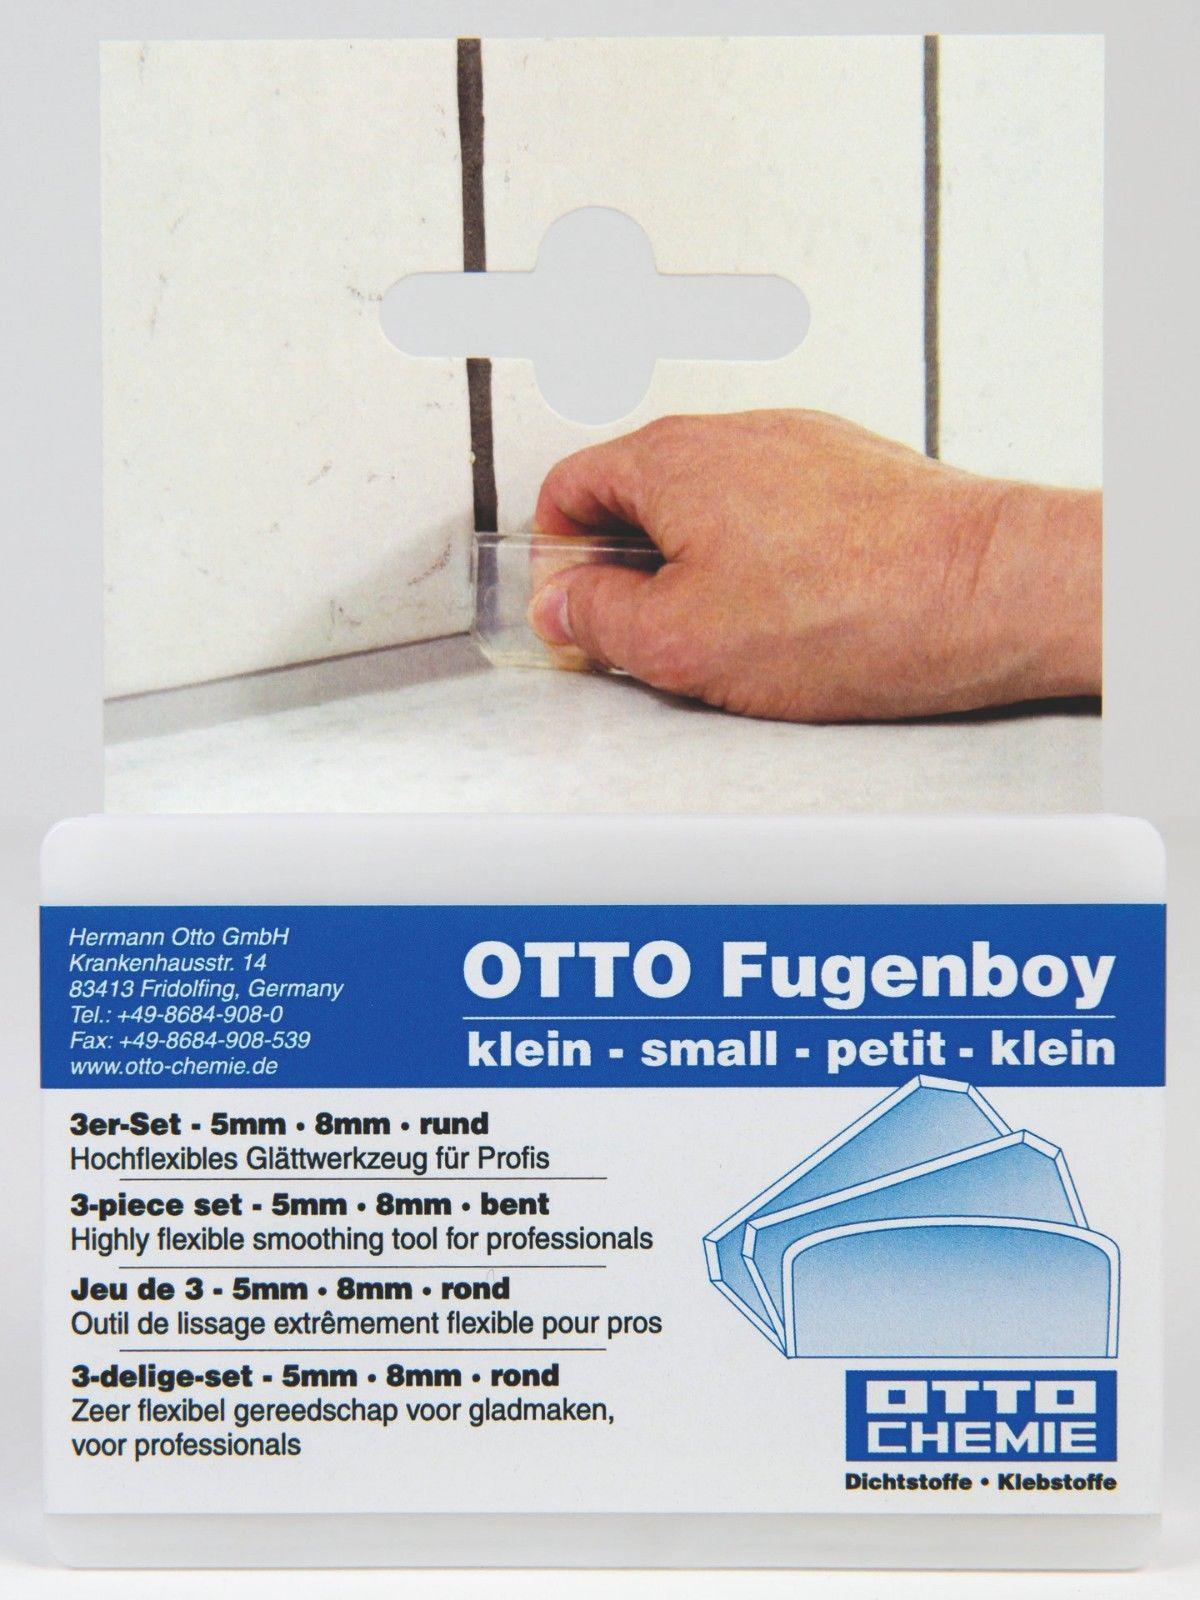 OTTO Fugenboy 3er-Set klein